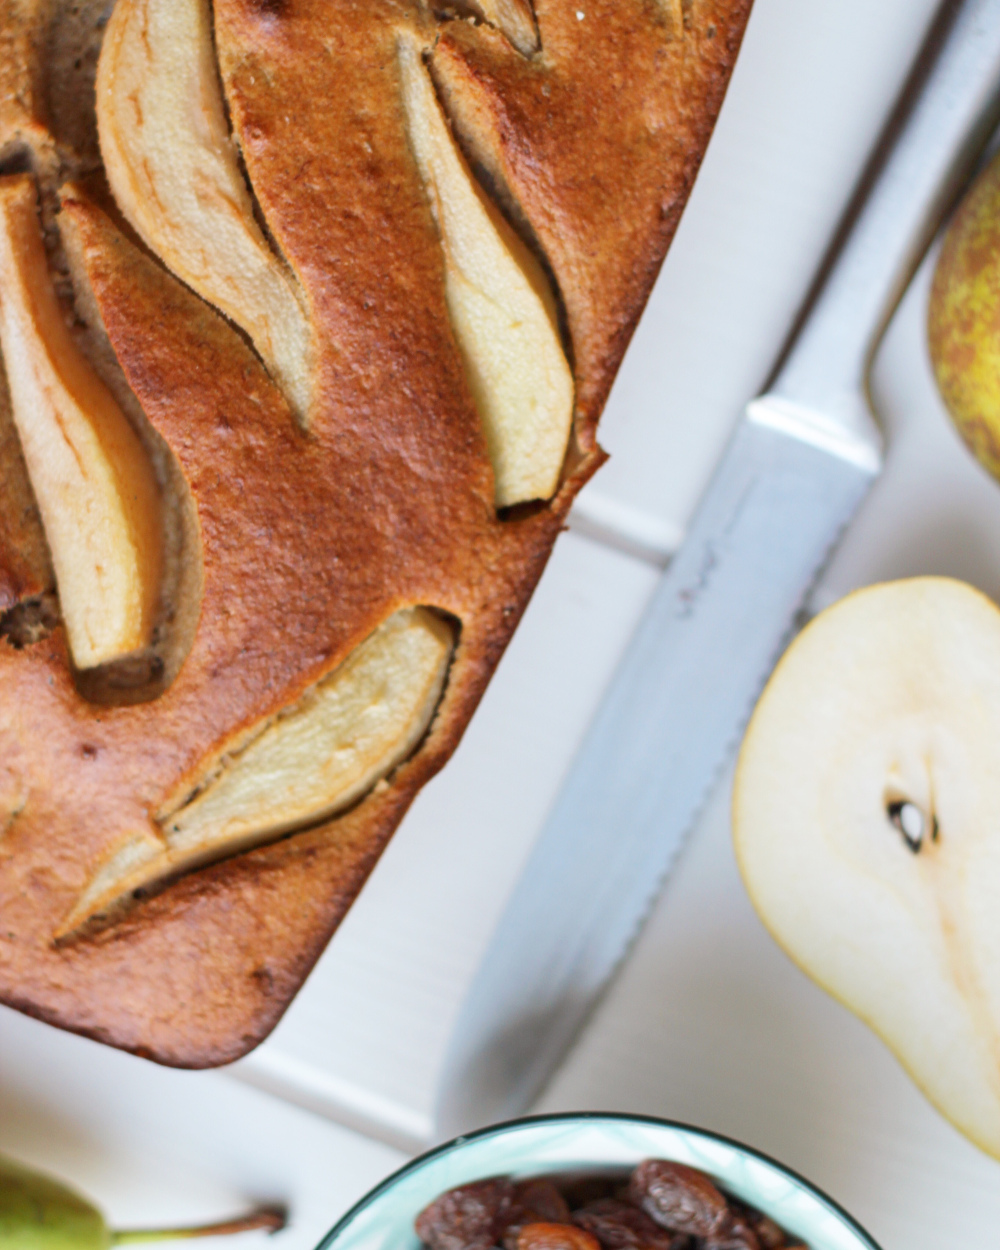 Recept Mamasuperdun: Bananenbrood met peer en rozijn